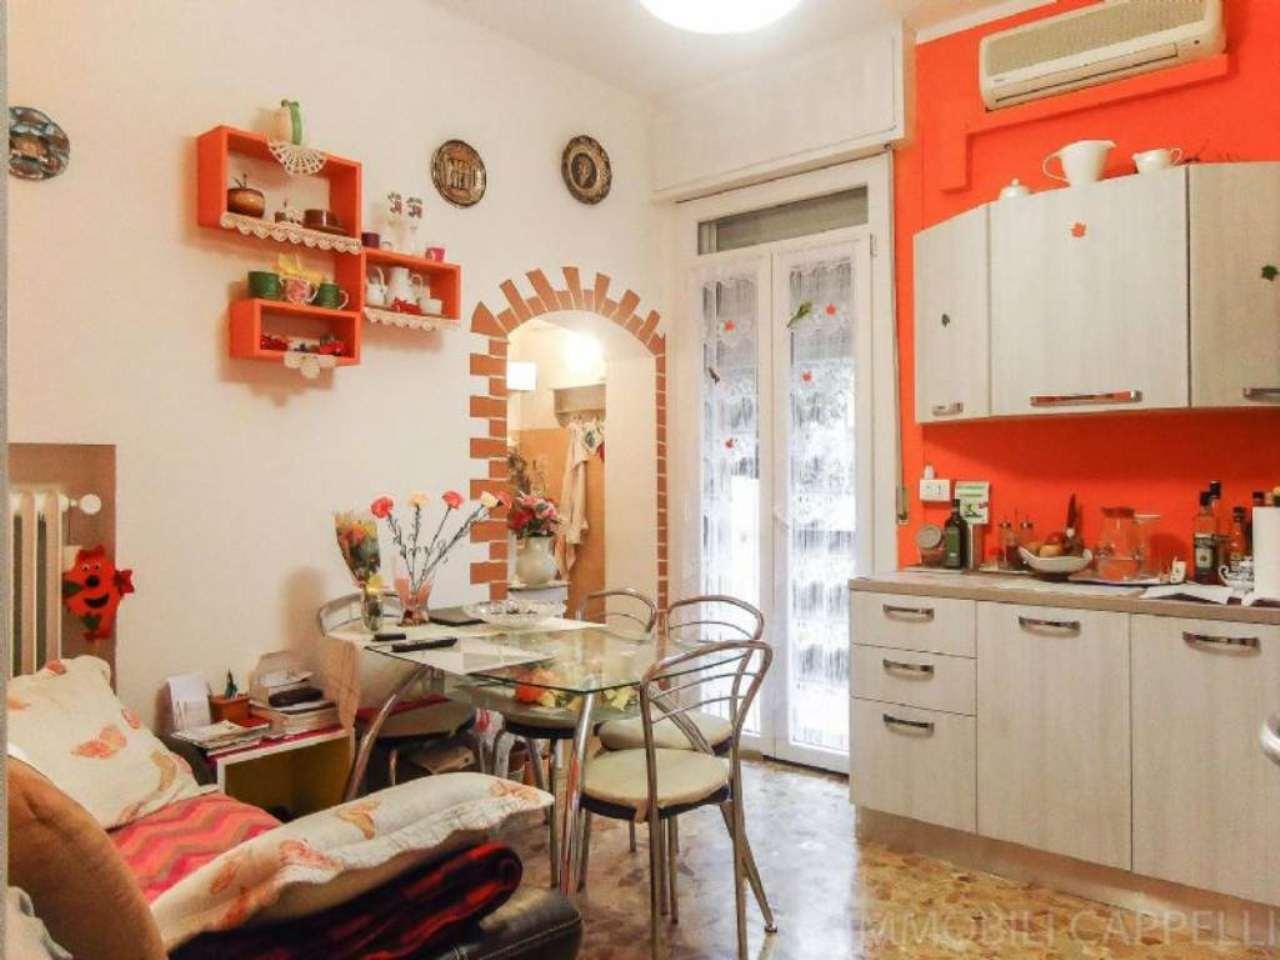 Appartamento in vendita a Cesena, 2 locali, prezzo € 115.000 | CambioCasa.it